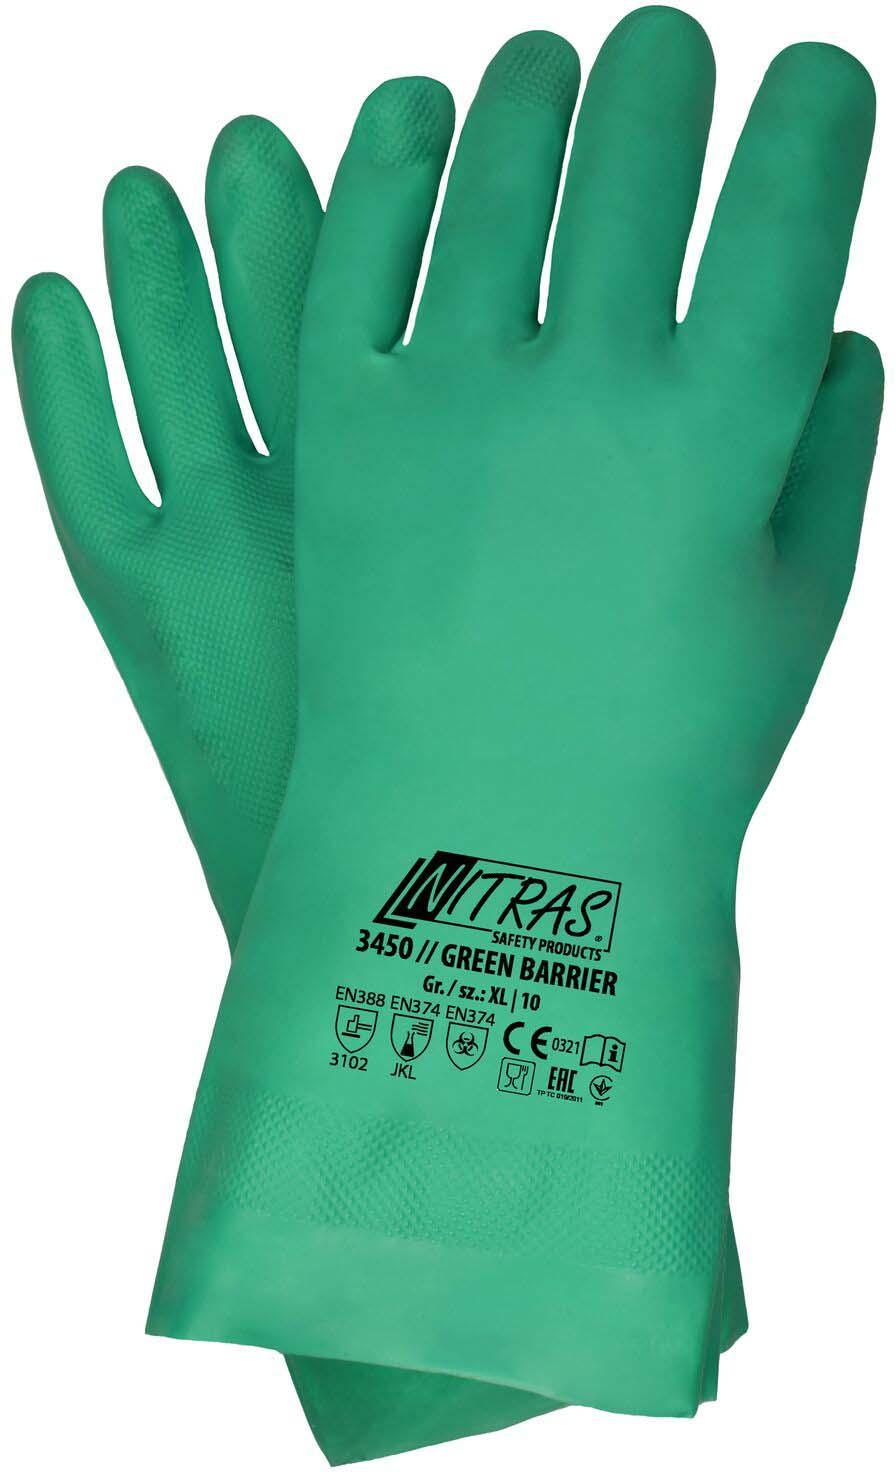 Перчатки хозяйственные Nitras, нитриловые, зеленый, размер 8 (M)